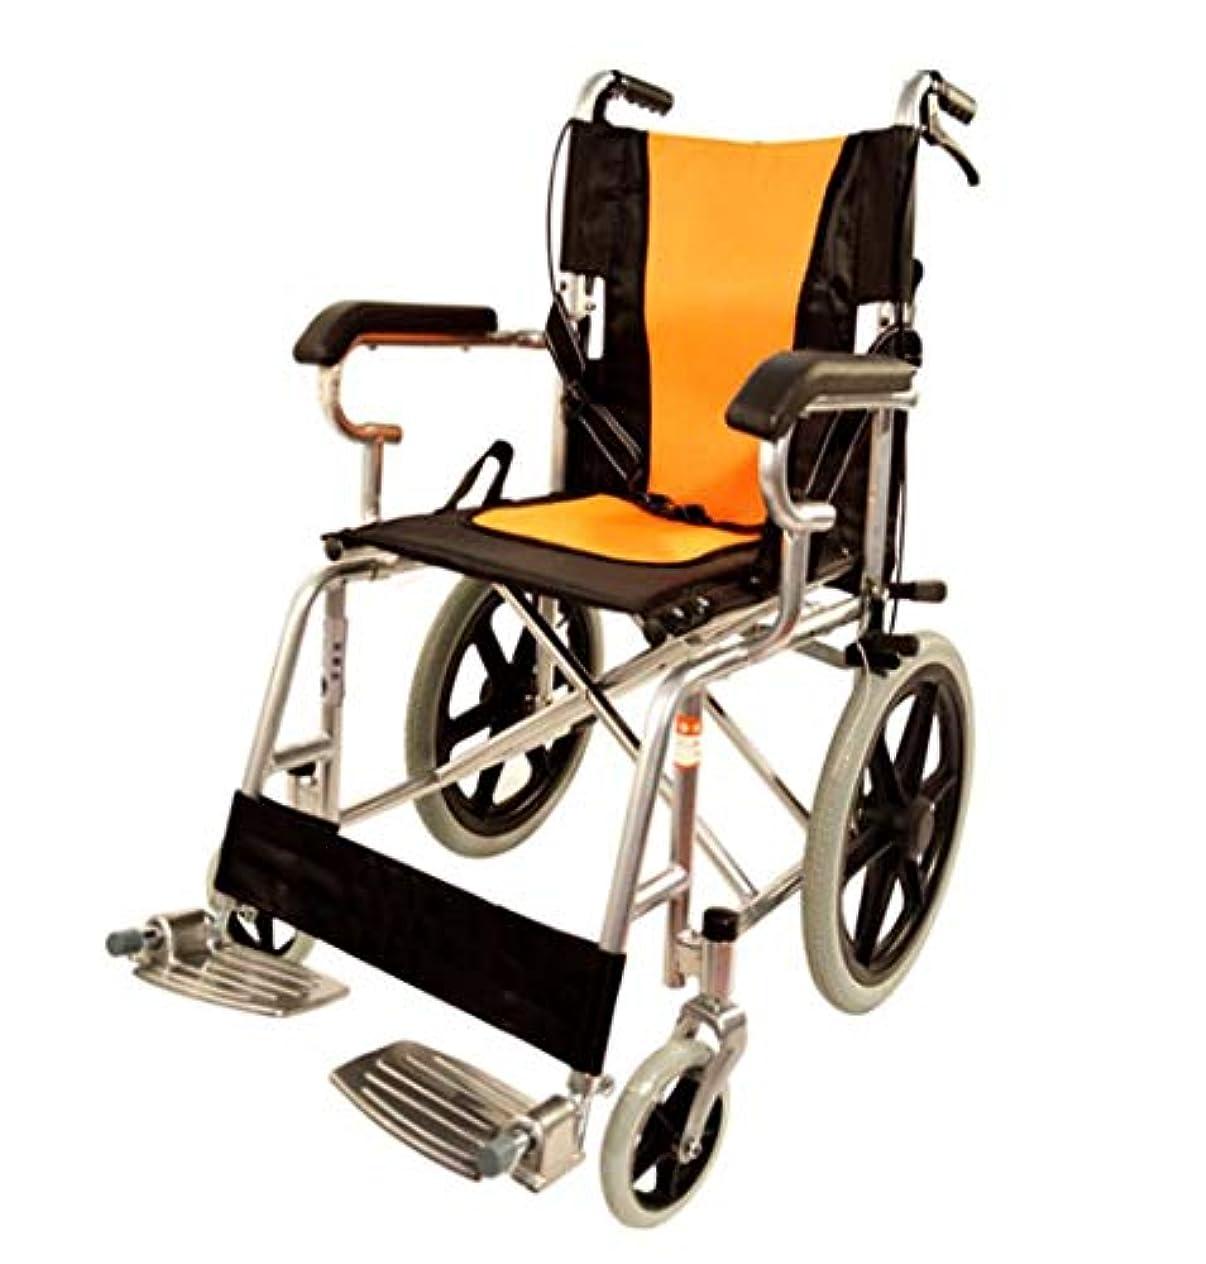 保守可能実験をするジャングル手動車椅子折り畳み式ポータブル高齢者車椅子厚手無効車椅子3D高通気性抗Anti瘡生地ソリッドスノータイヤ